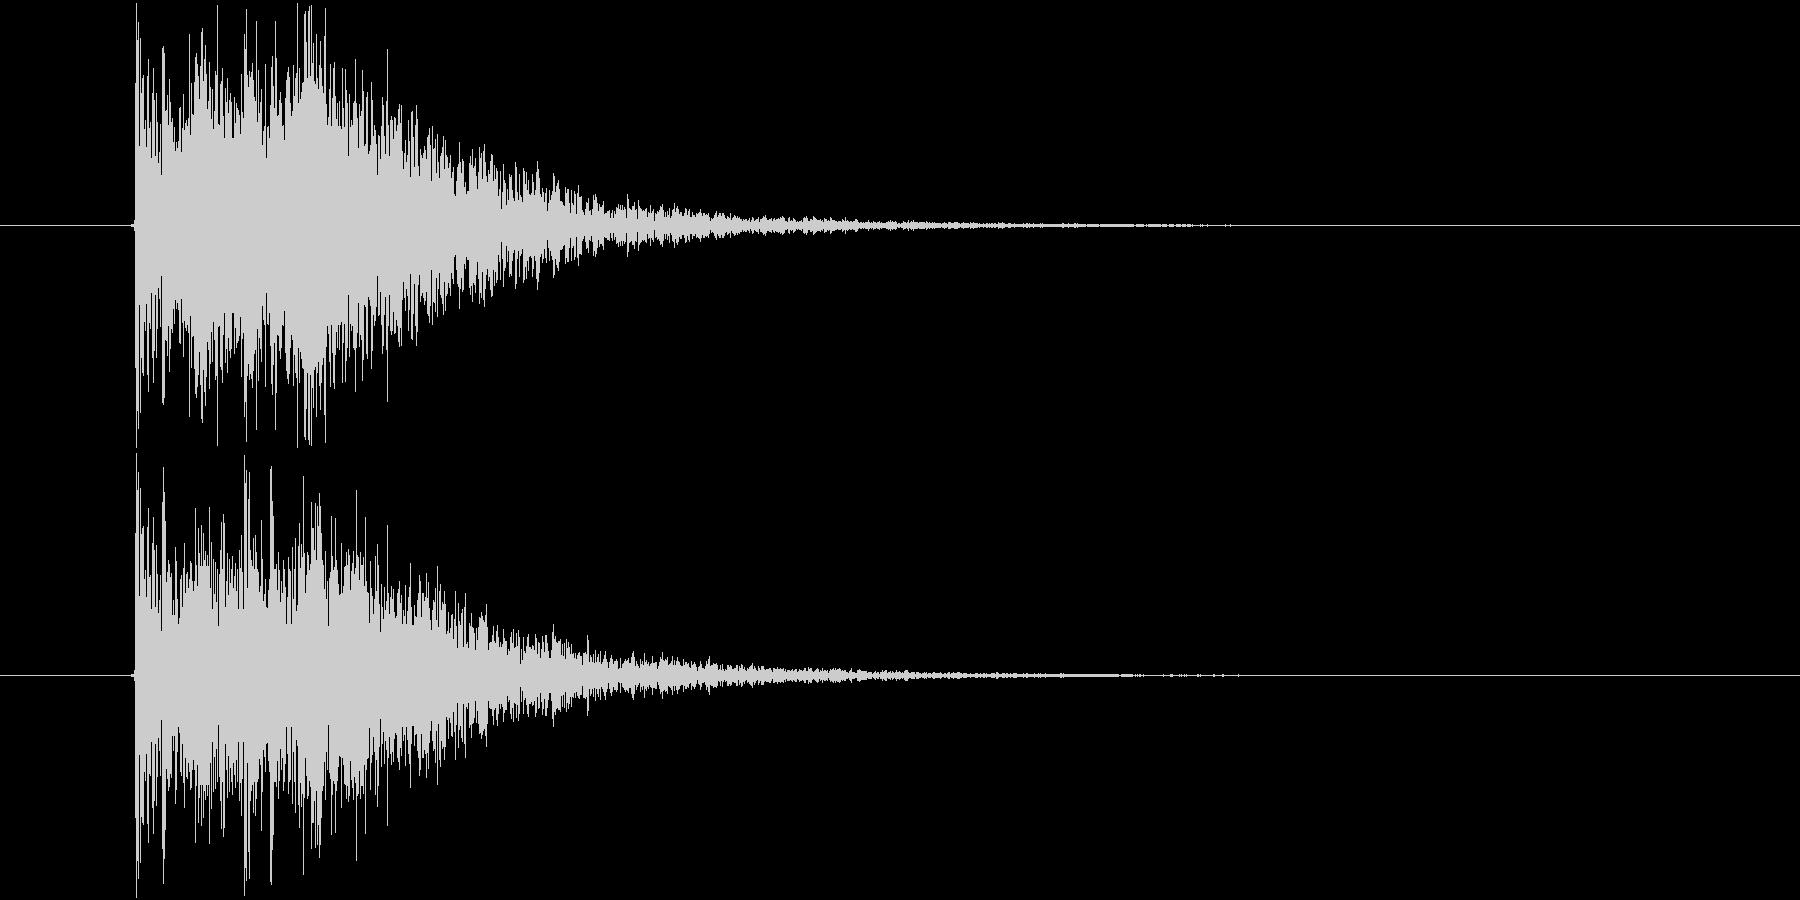 カカン 拍子木 2連打 速めの未再生の波形